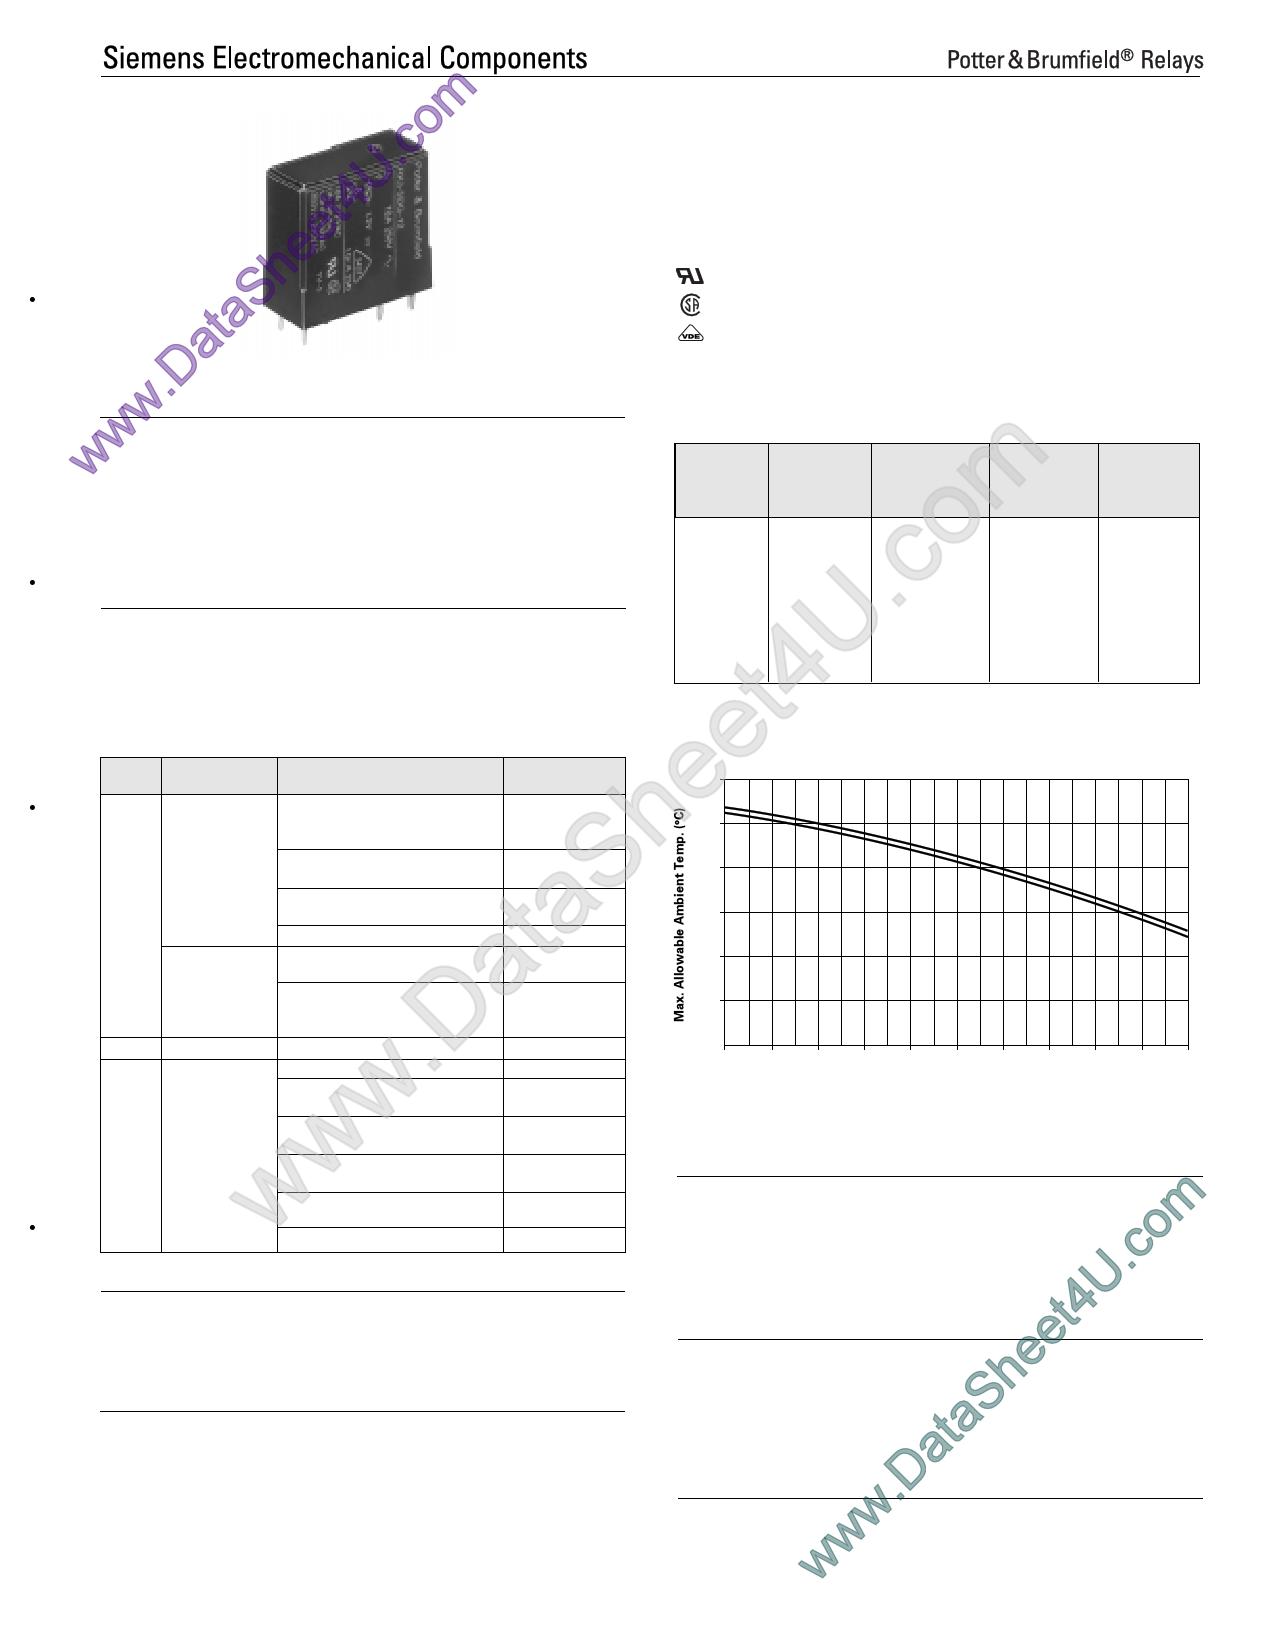 RKS-11DX-24 datasheet pinout